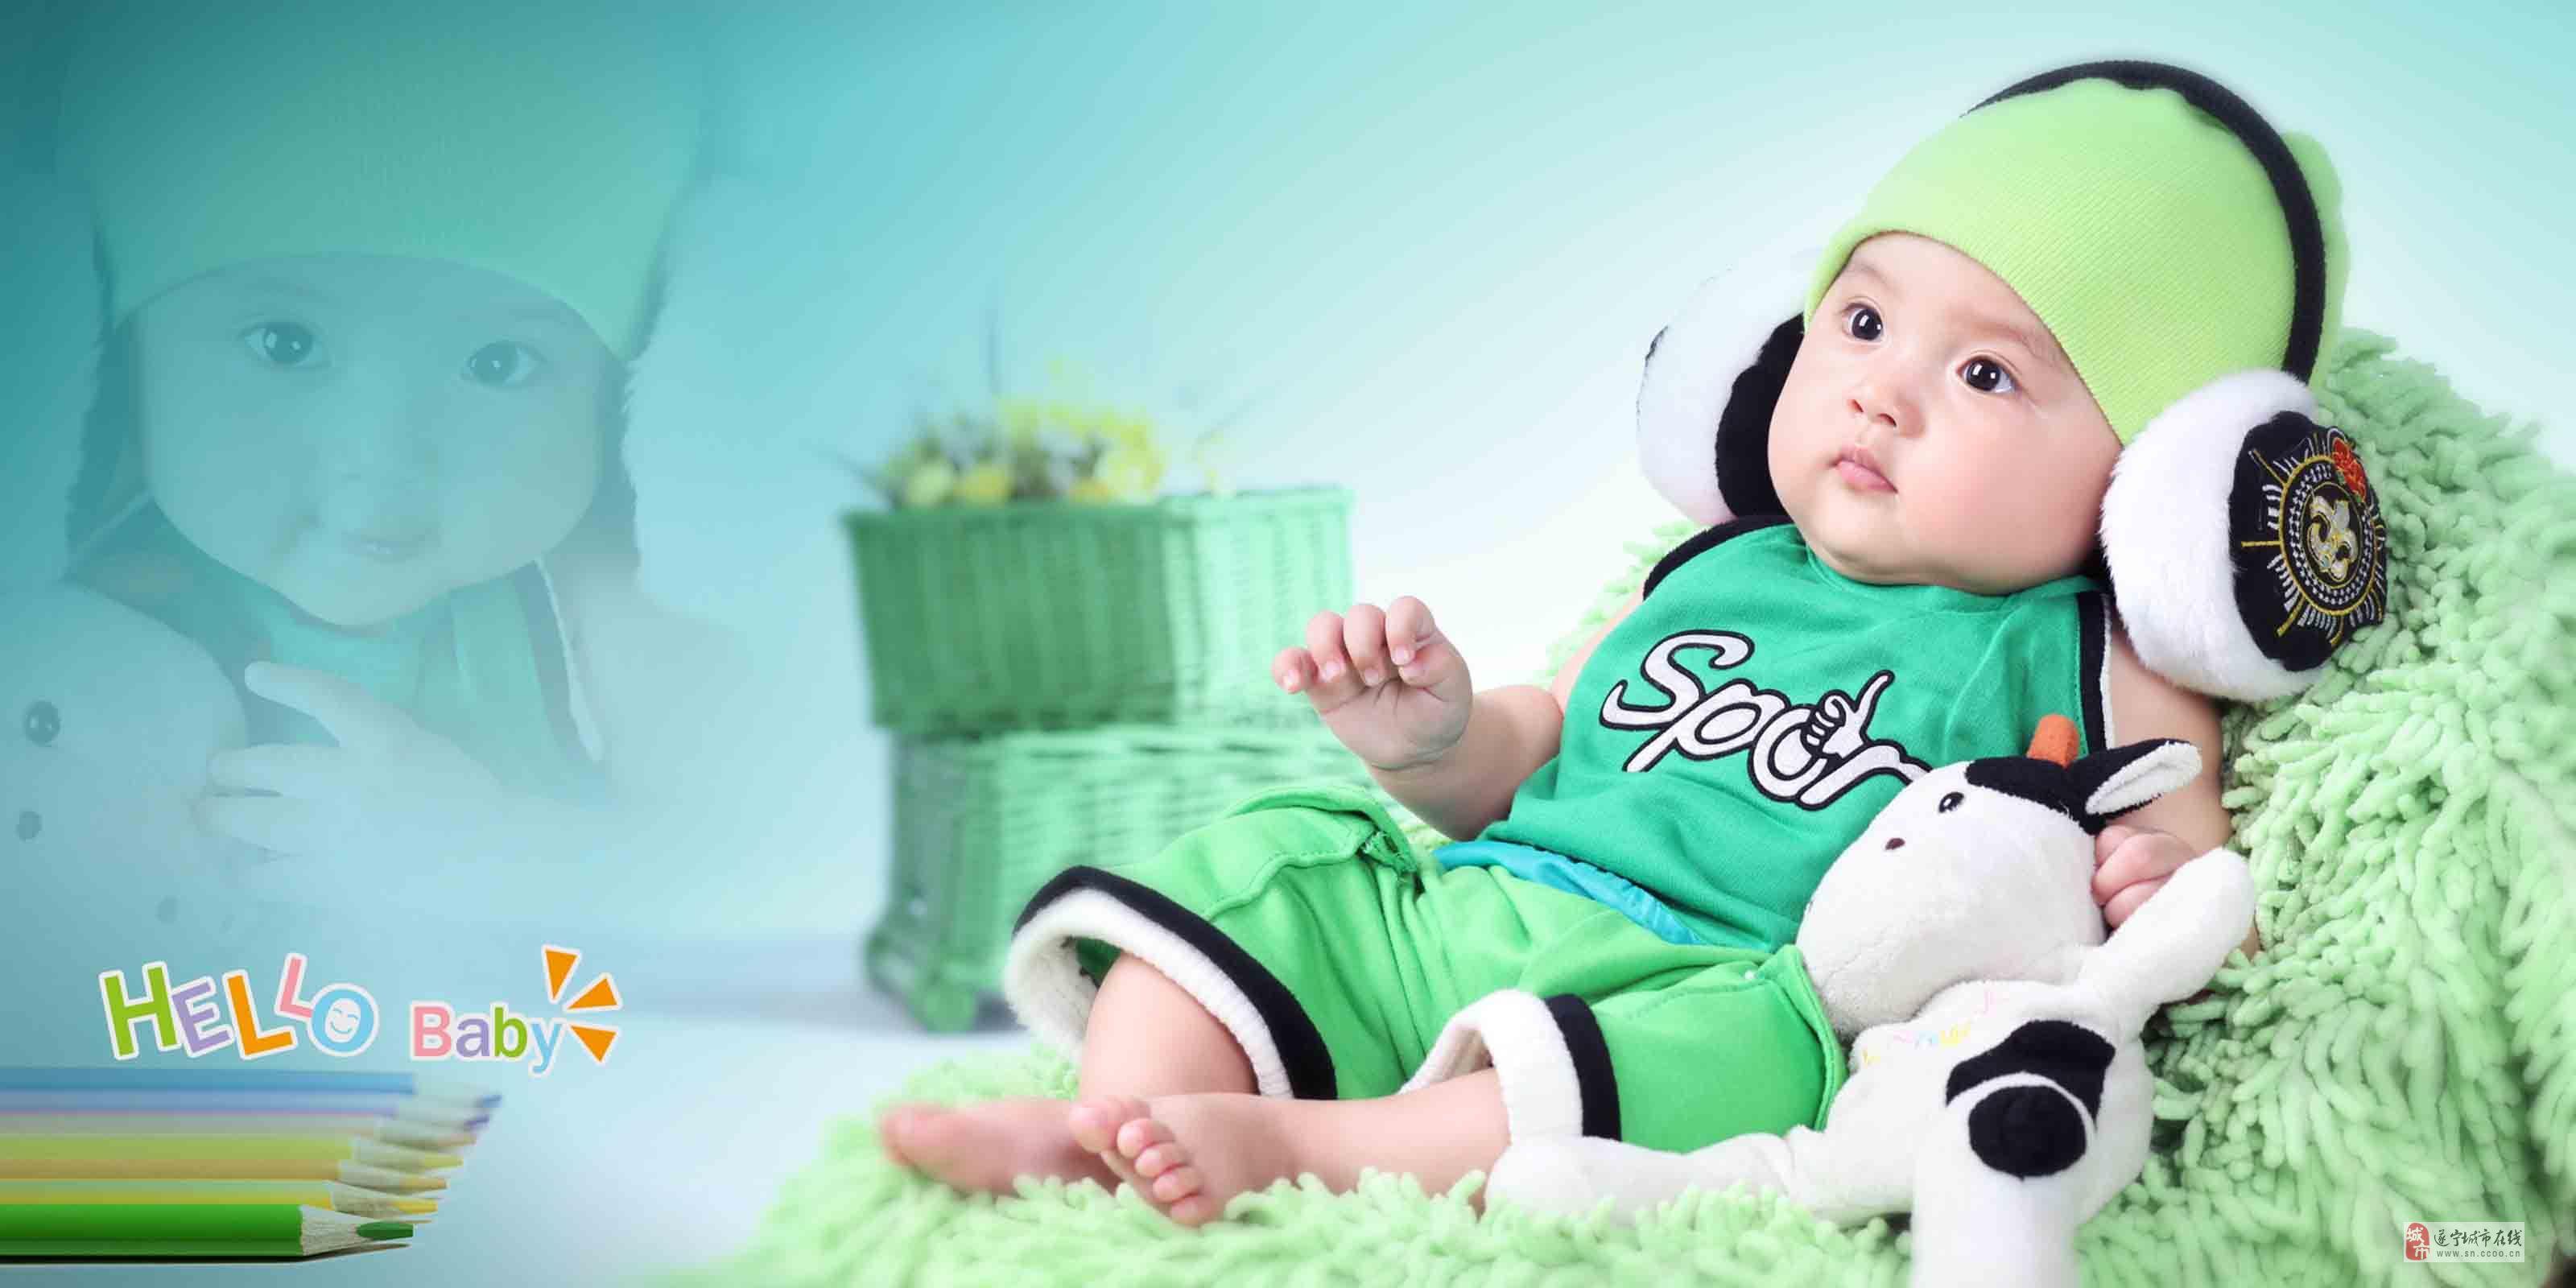 宝宝满月照、百天照、周岁照—米奇宝贝专业儿童摄影